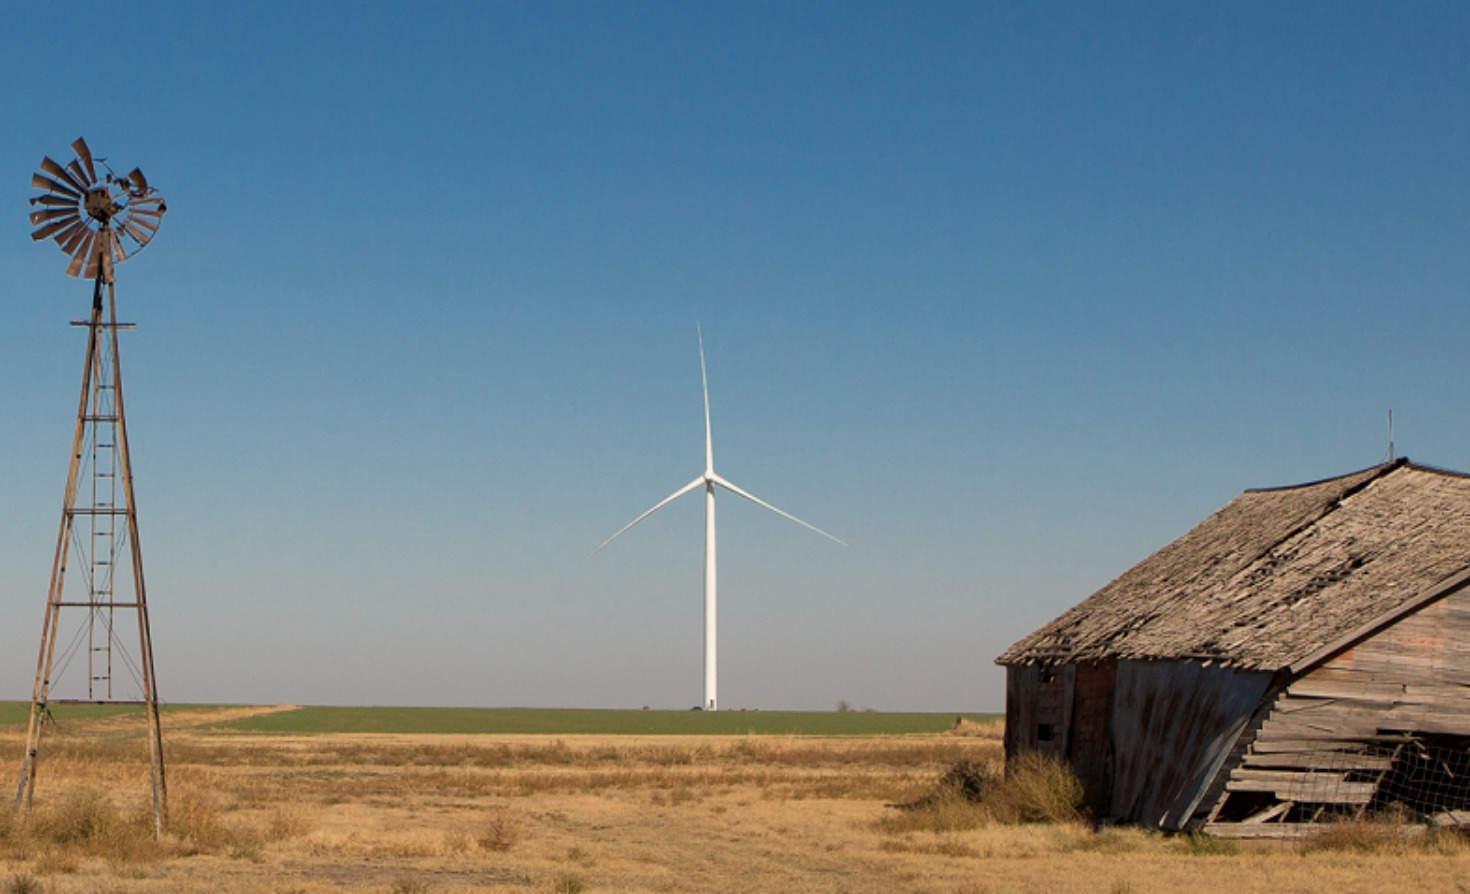 Cowboy wind farm